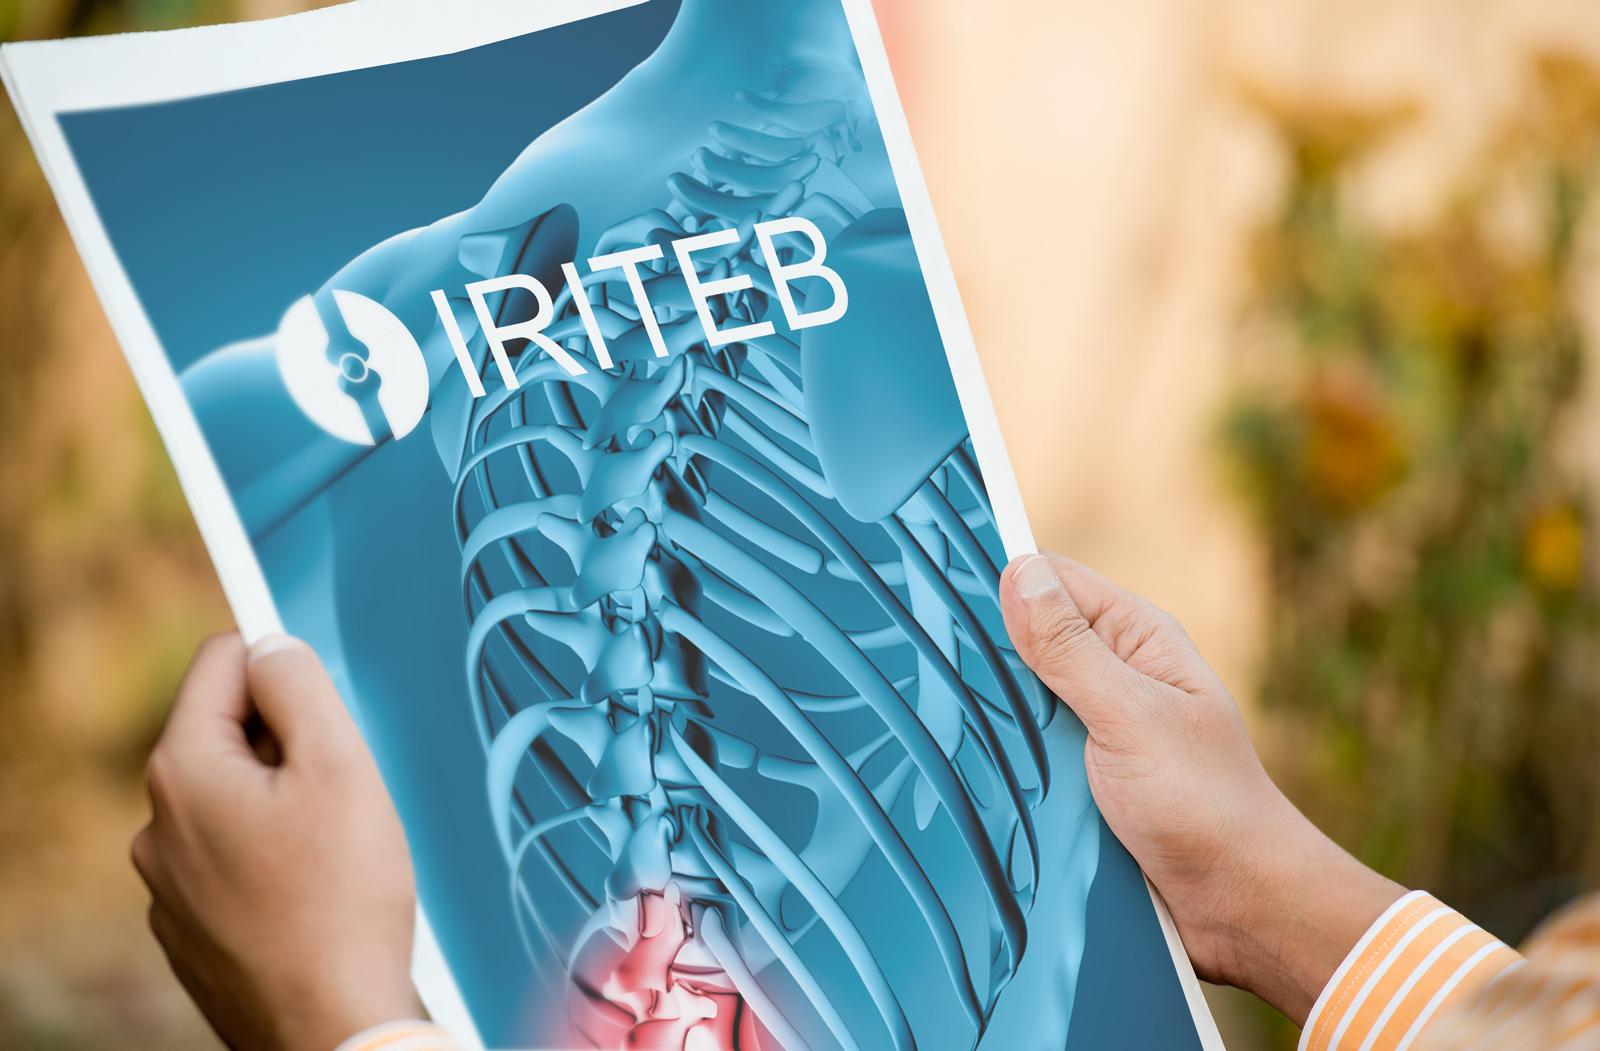 Les revistes locals anuncien els serveis d' IRITEB